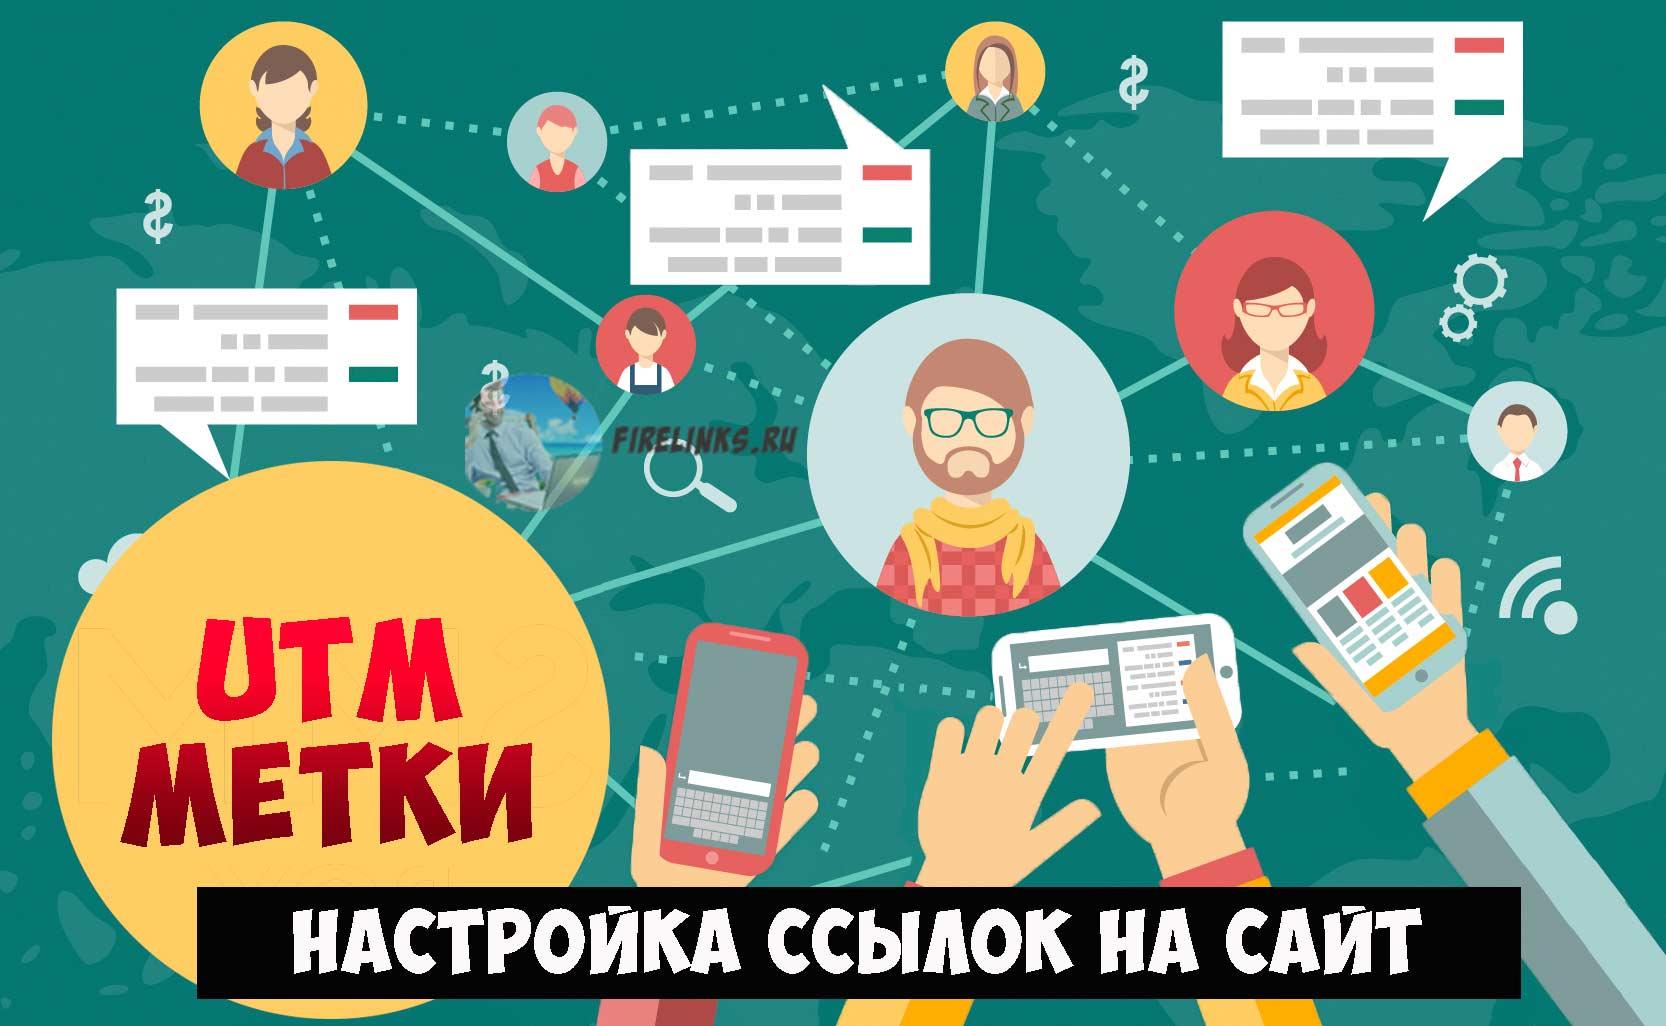 Utm метки - простой генератор (компоновщик) Яндекс и Google